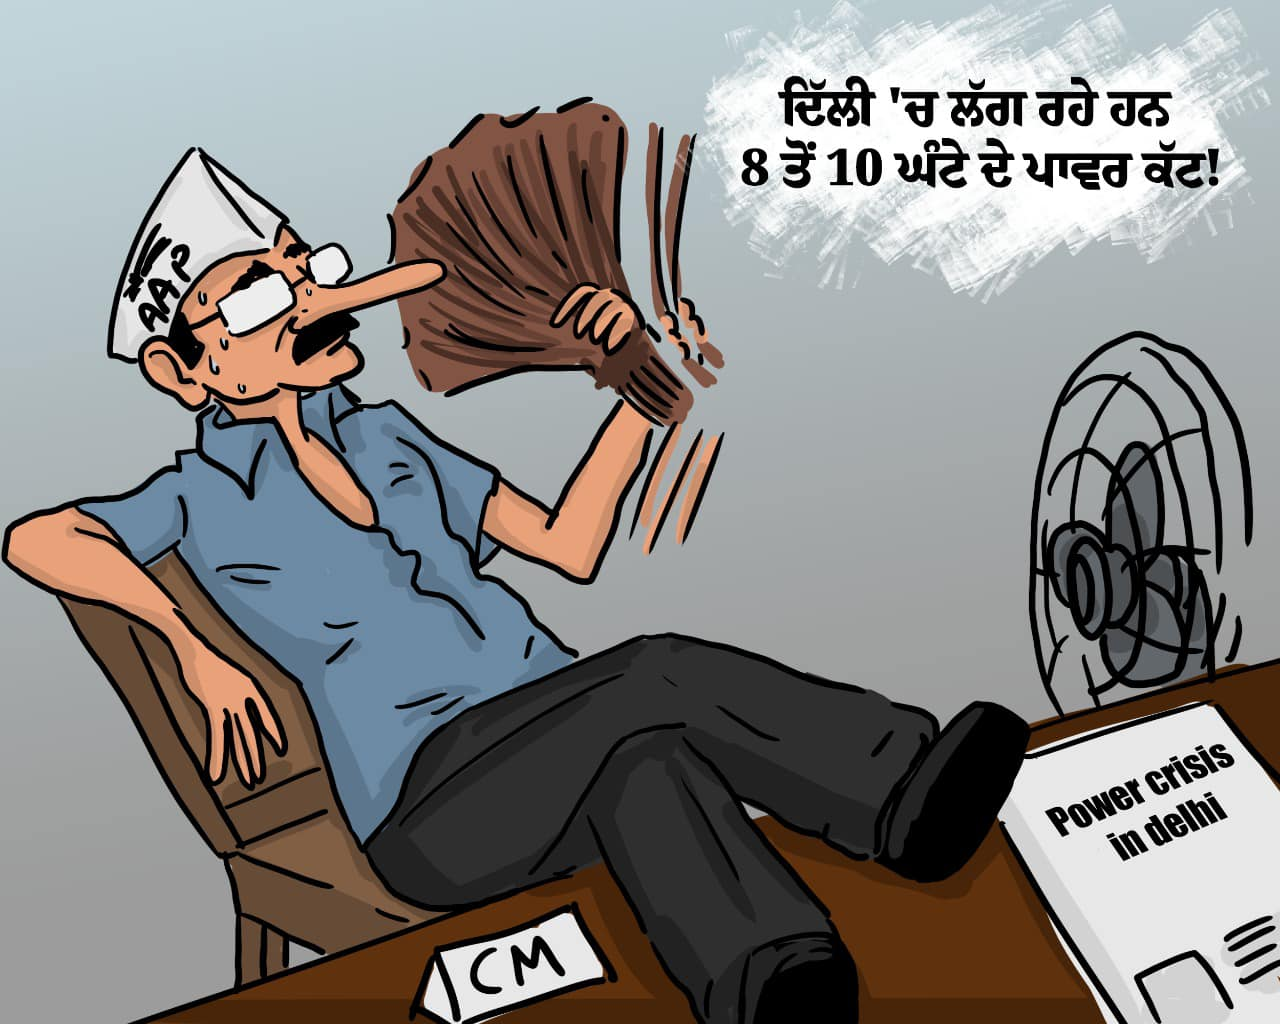 शिअद की तरफ से शेयर किया गया अरविंद केजरीवाल का कार्टून।